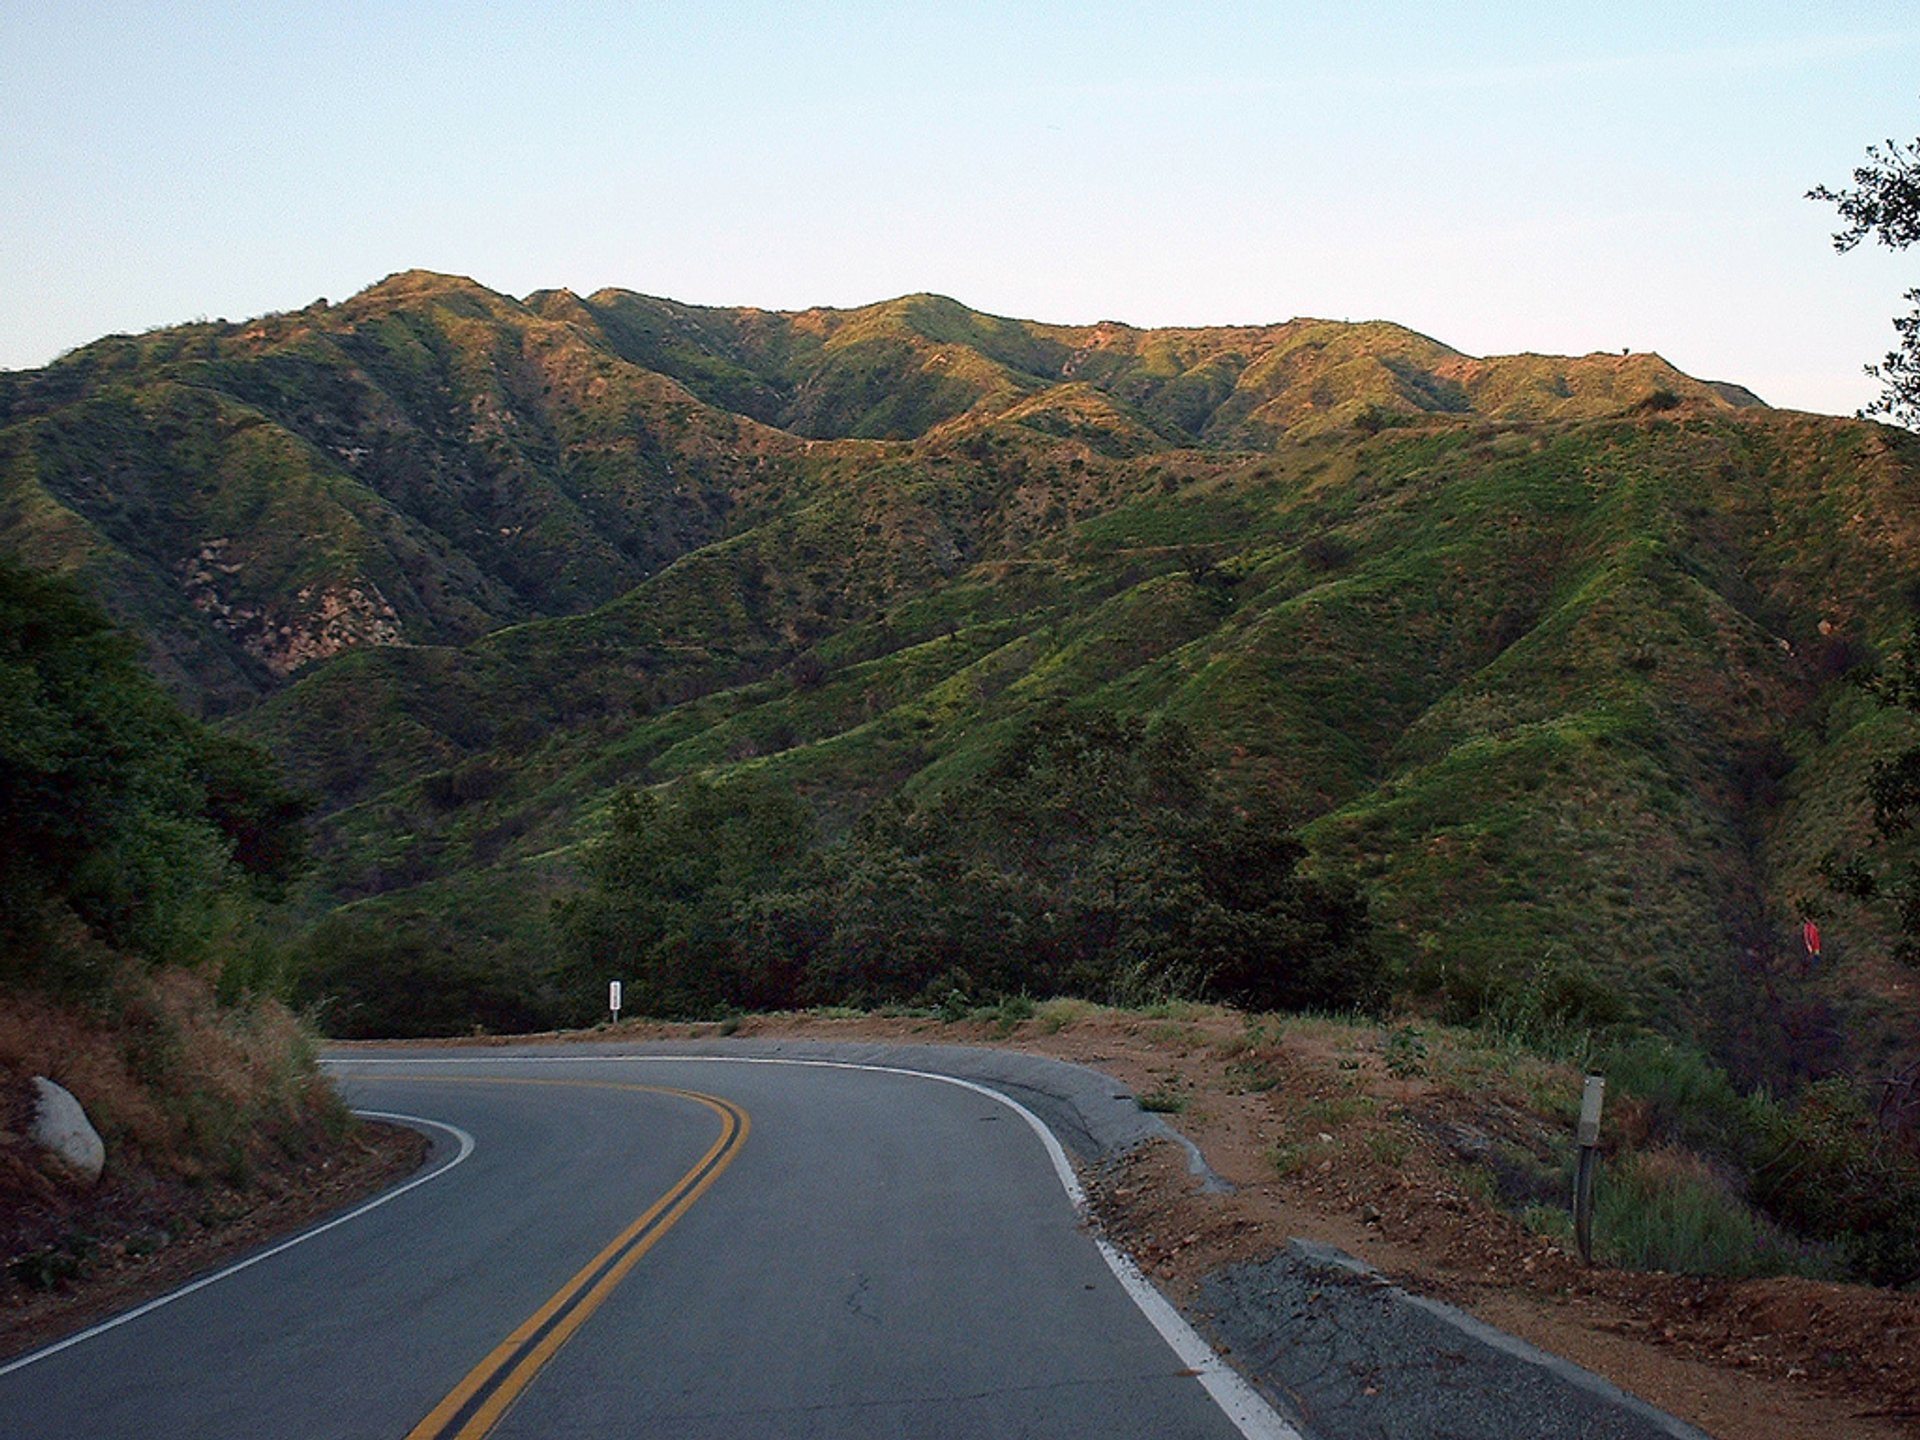 Glendora Mountain Road in California - Best Season 2020